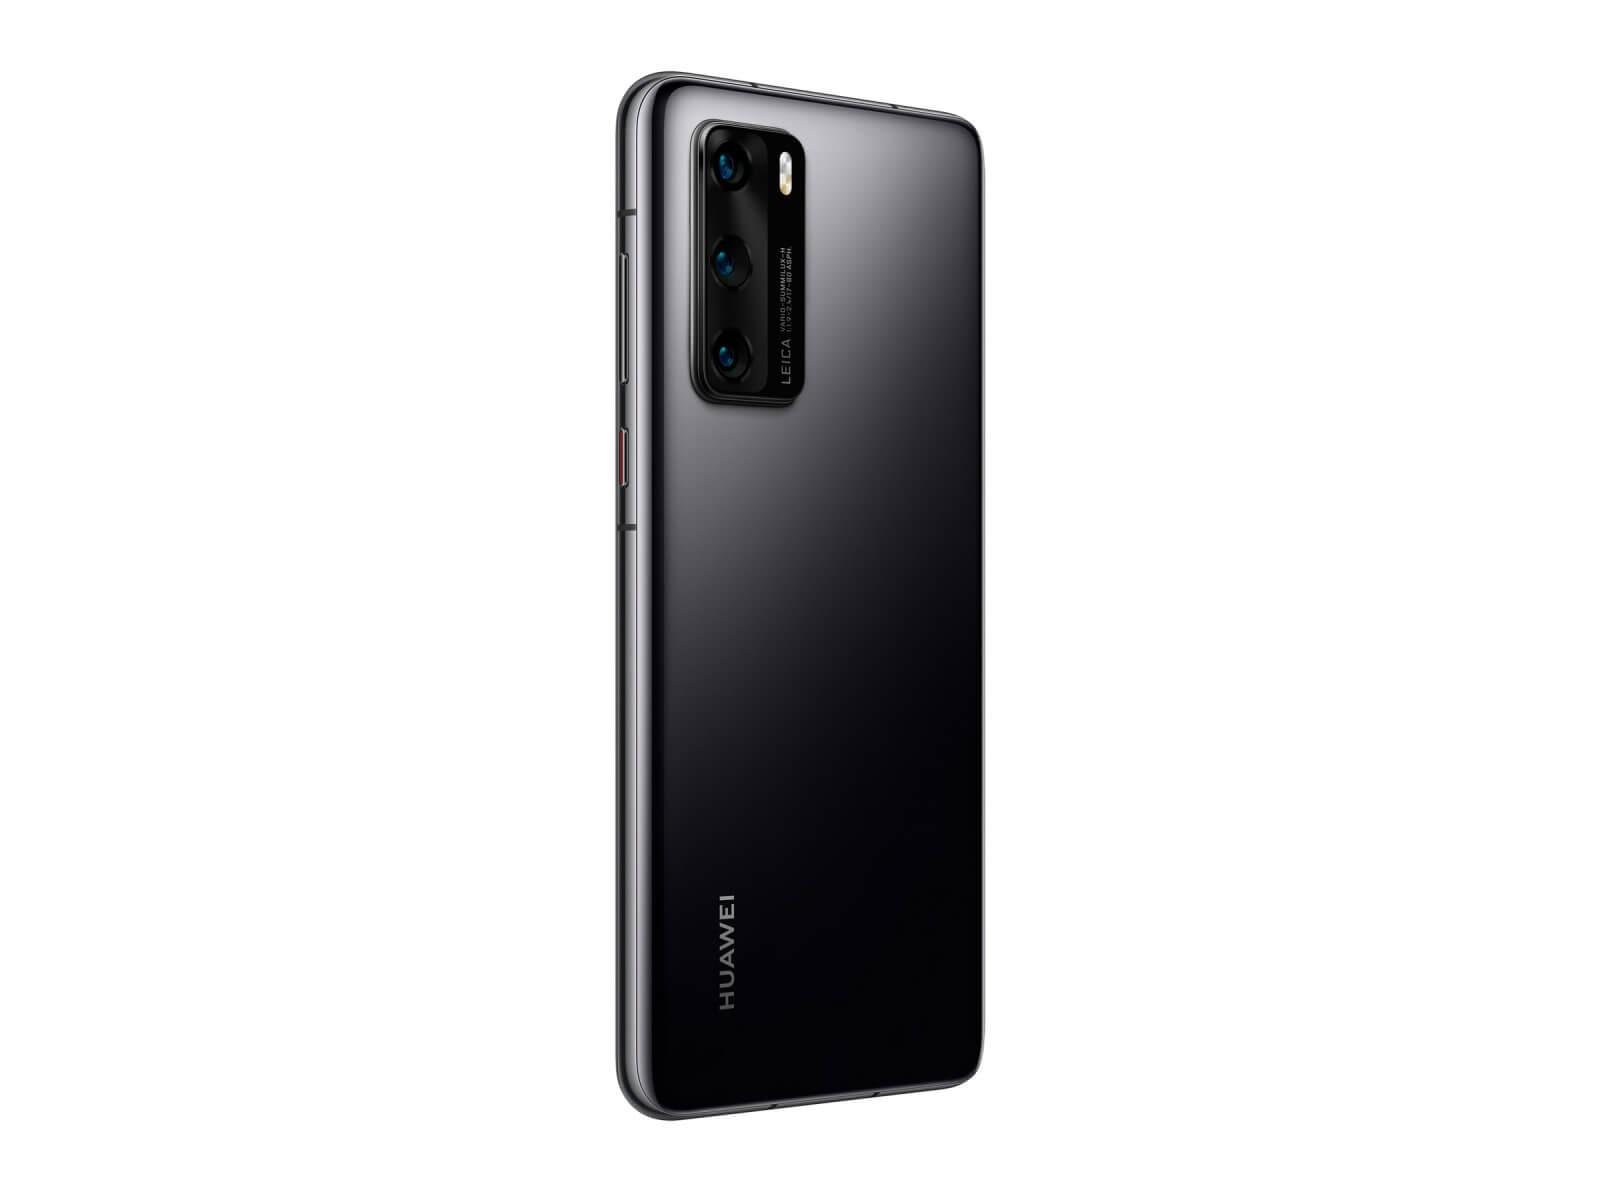 سری گوشیهای P40 هوآوی رسما معرفی شدند؛ نبرد هوآوی برای پادشاهی 6 - سری گوشیهای P40 هوآوی رسما معرفی شدند؛ نبرد هوآوی برای پادشاهی - گوشی هوشمند, گوشی های هوشمند, گوشی P40 Pro, هوآوی, نقد و بررسی گوشی موبایل